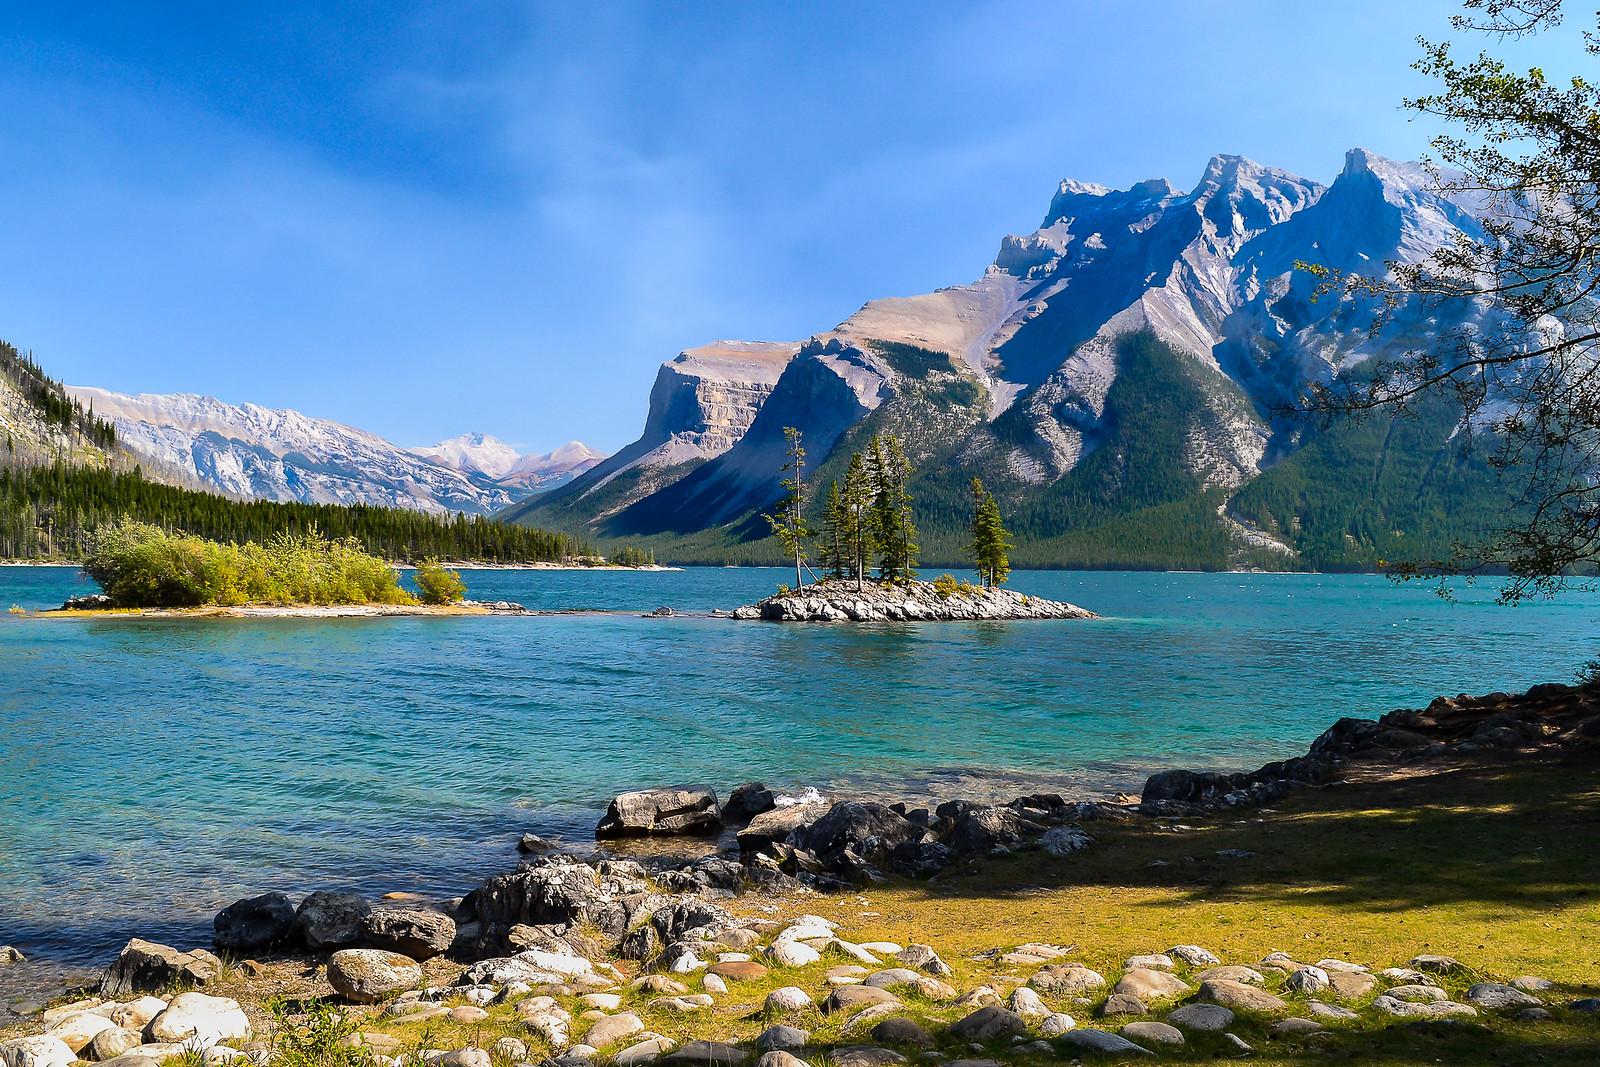 Lac Minnewanka, Alberta 32477111577_a2a54b51f2_h